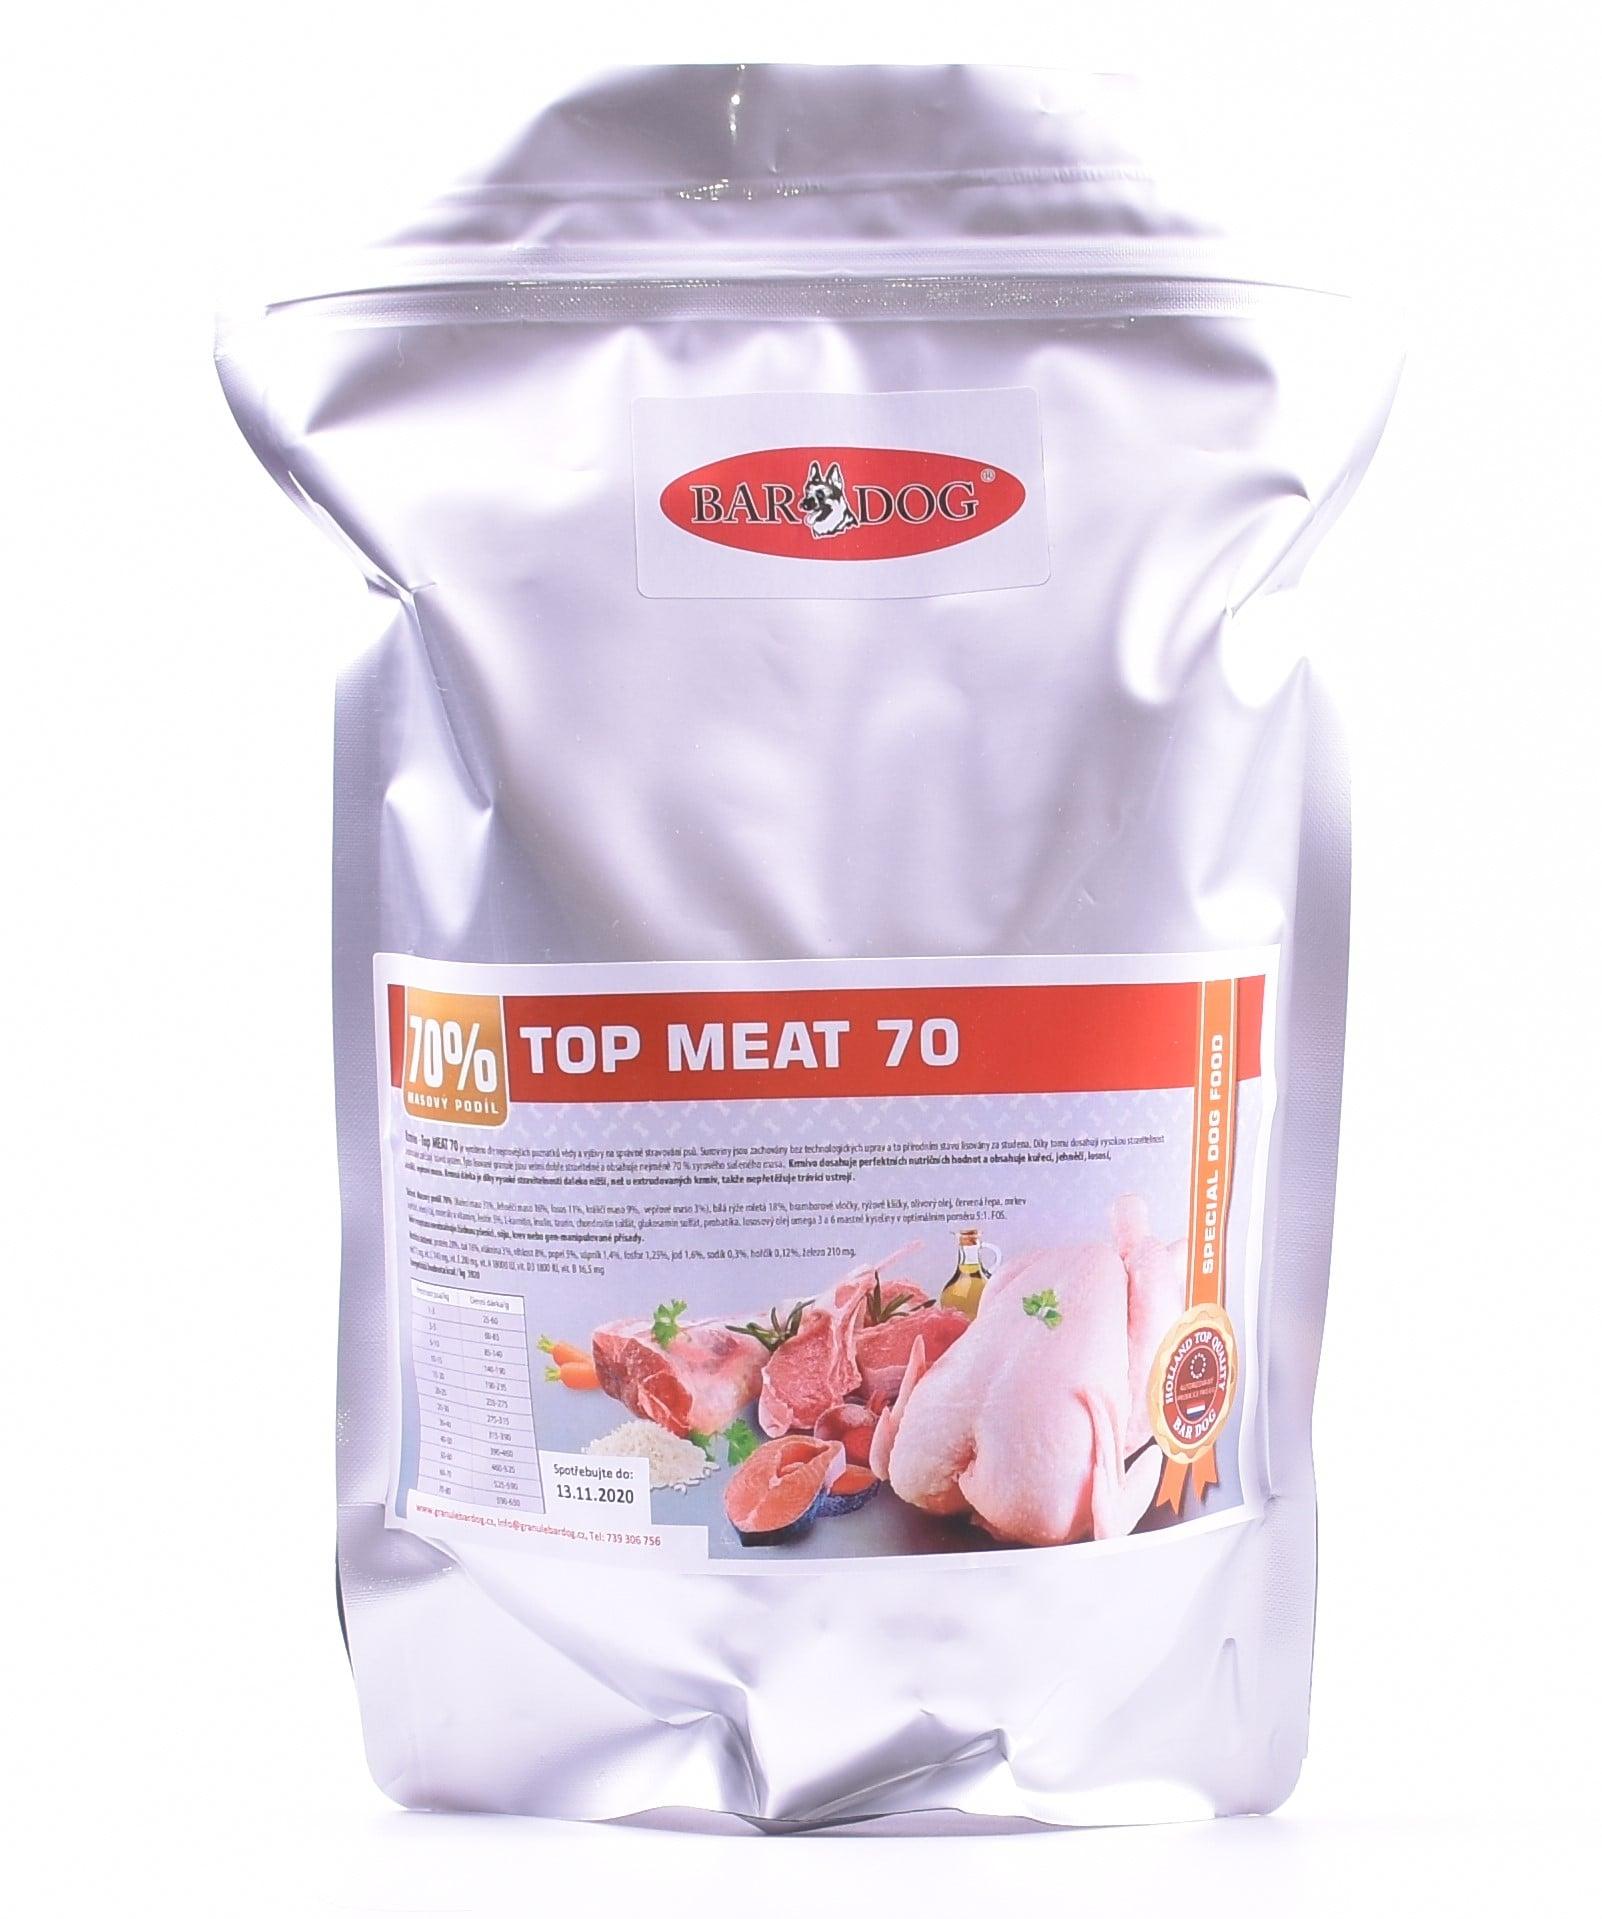 Bardog granule lisované za studena Top Meat 70% balení: 1 kg